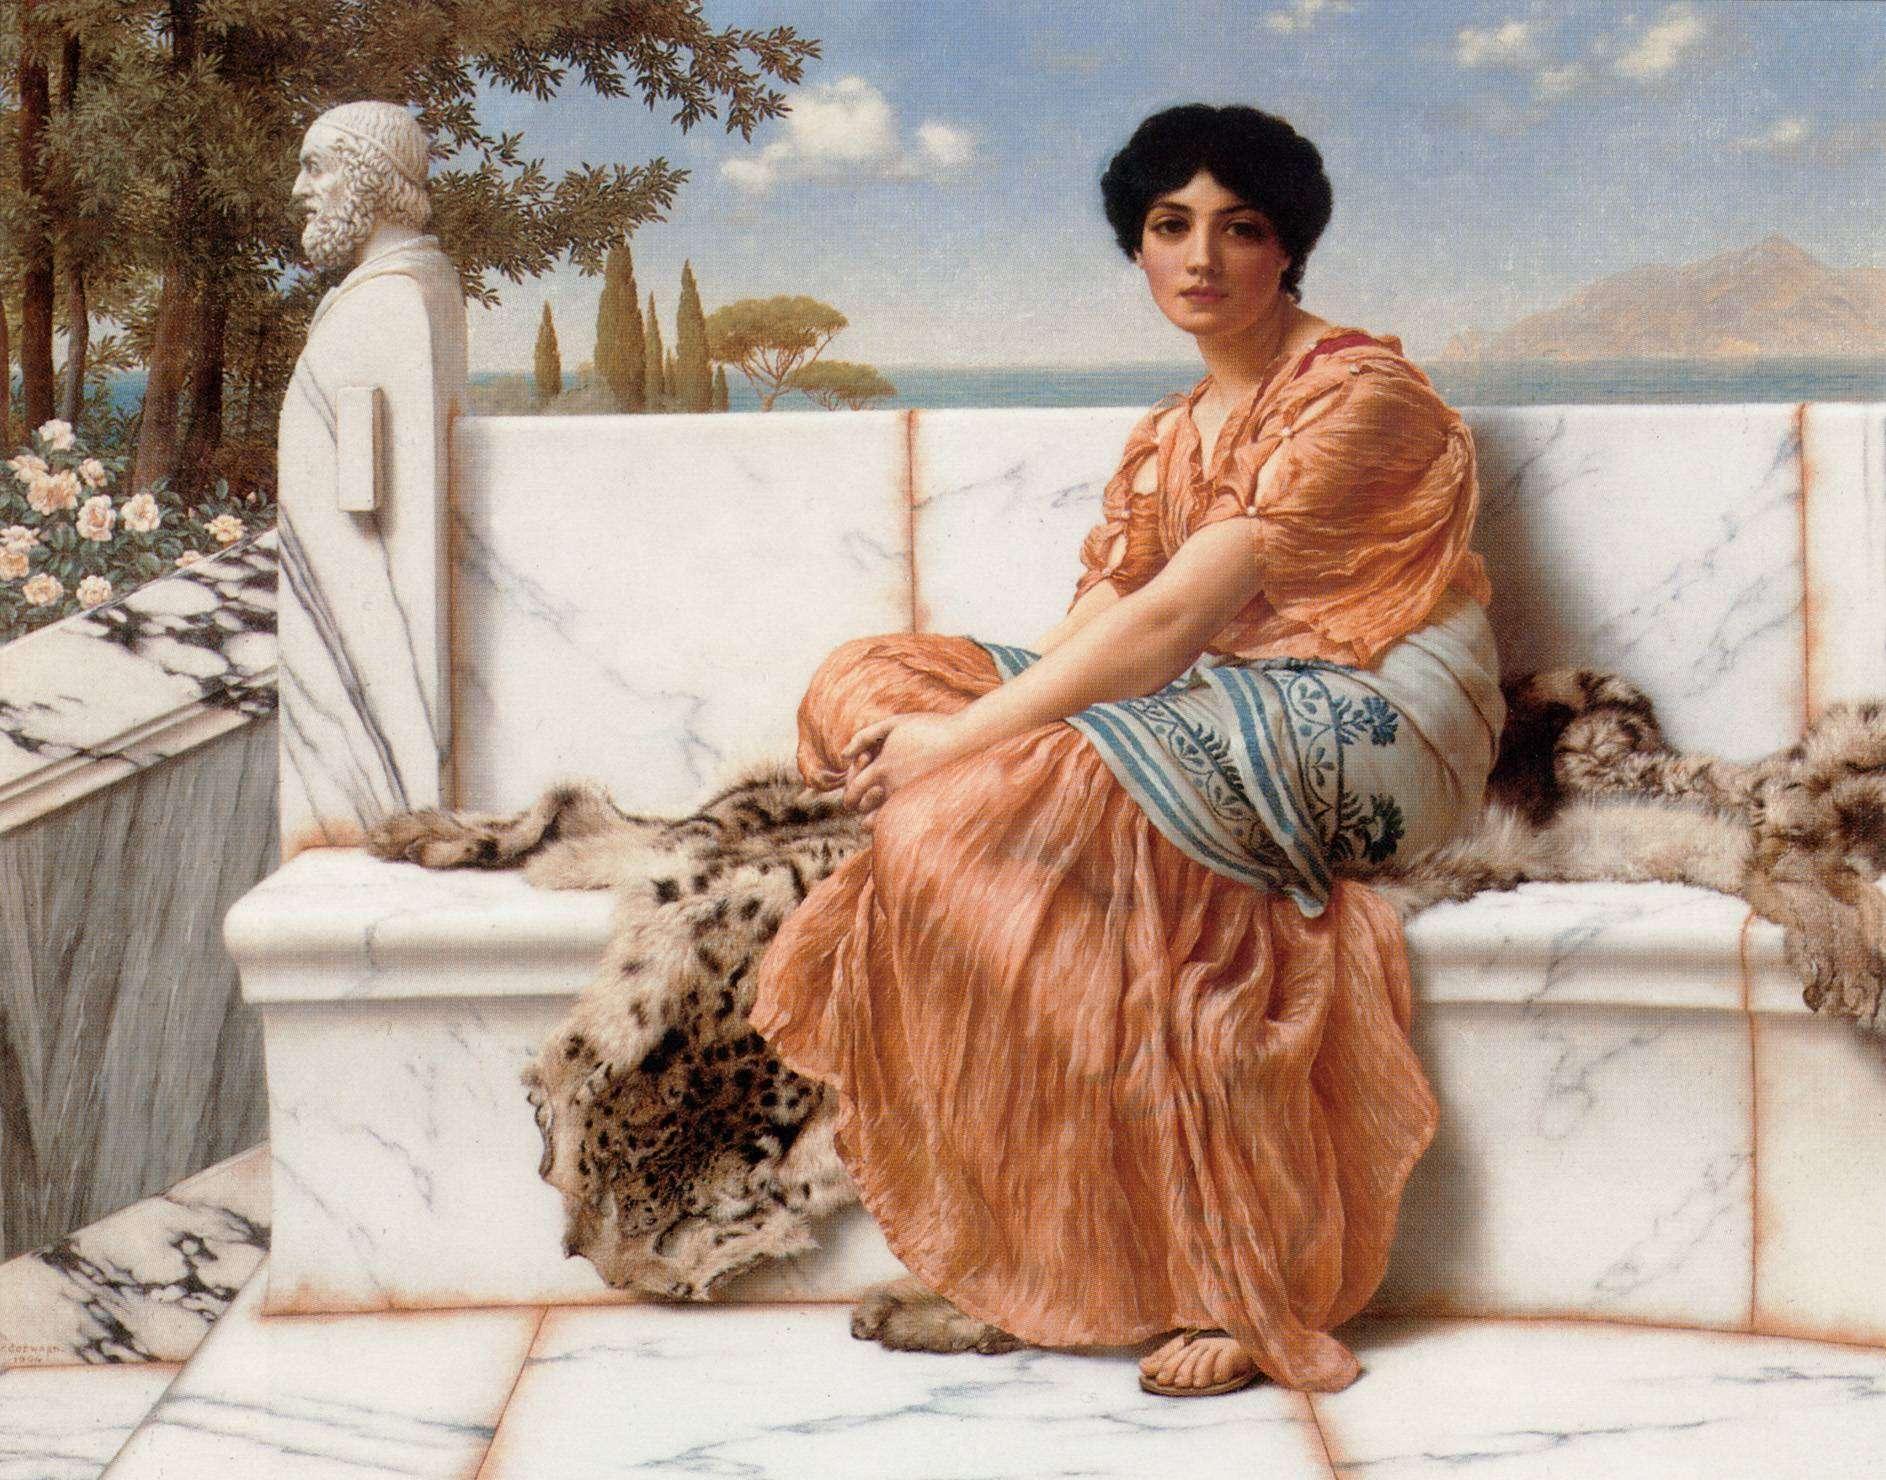 Сафо — первая воспела лесбийскую любовь